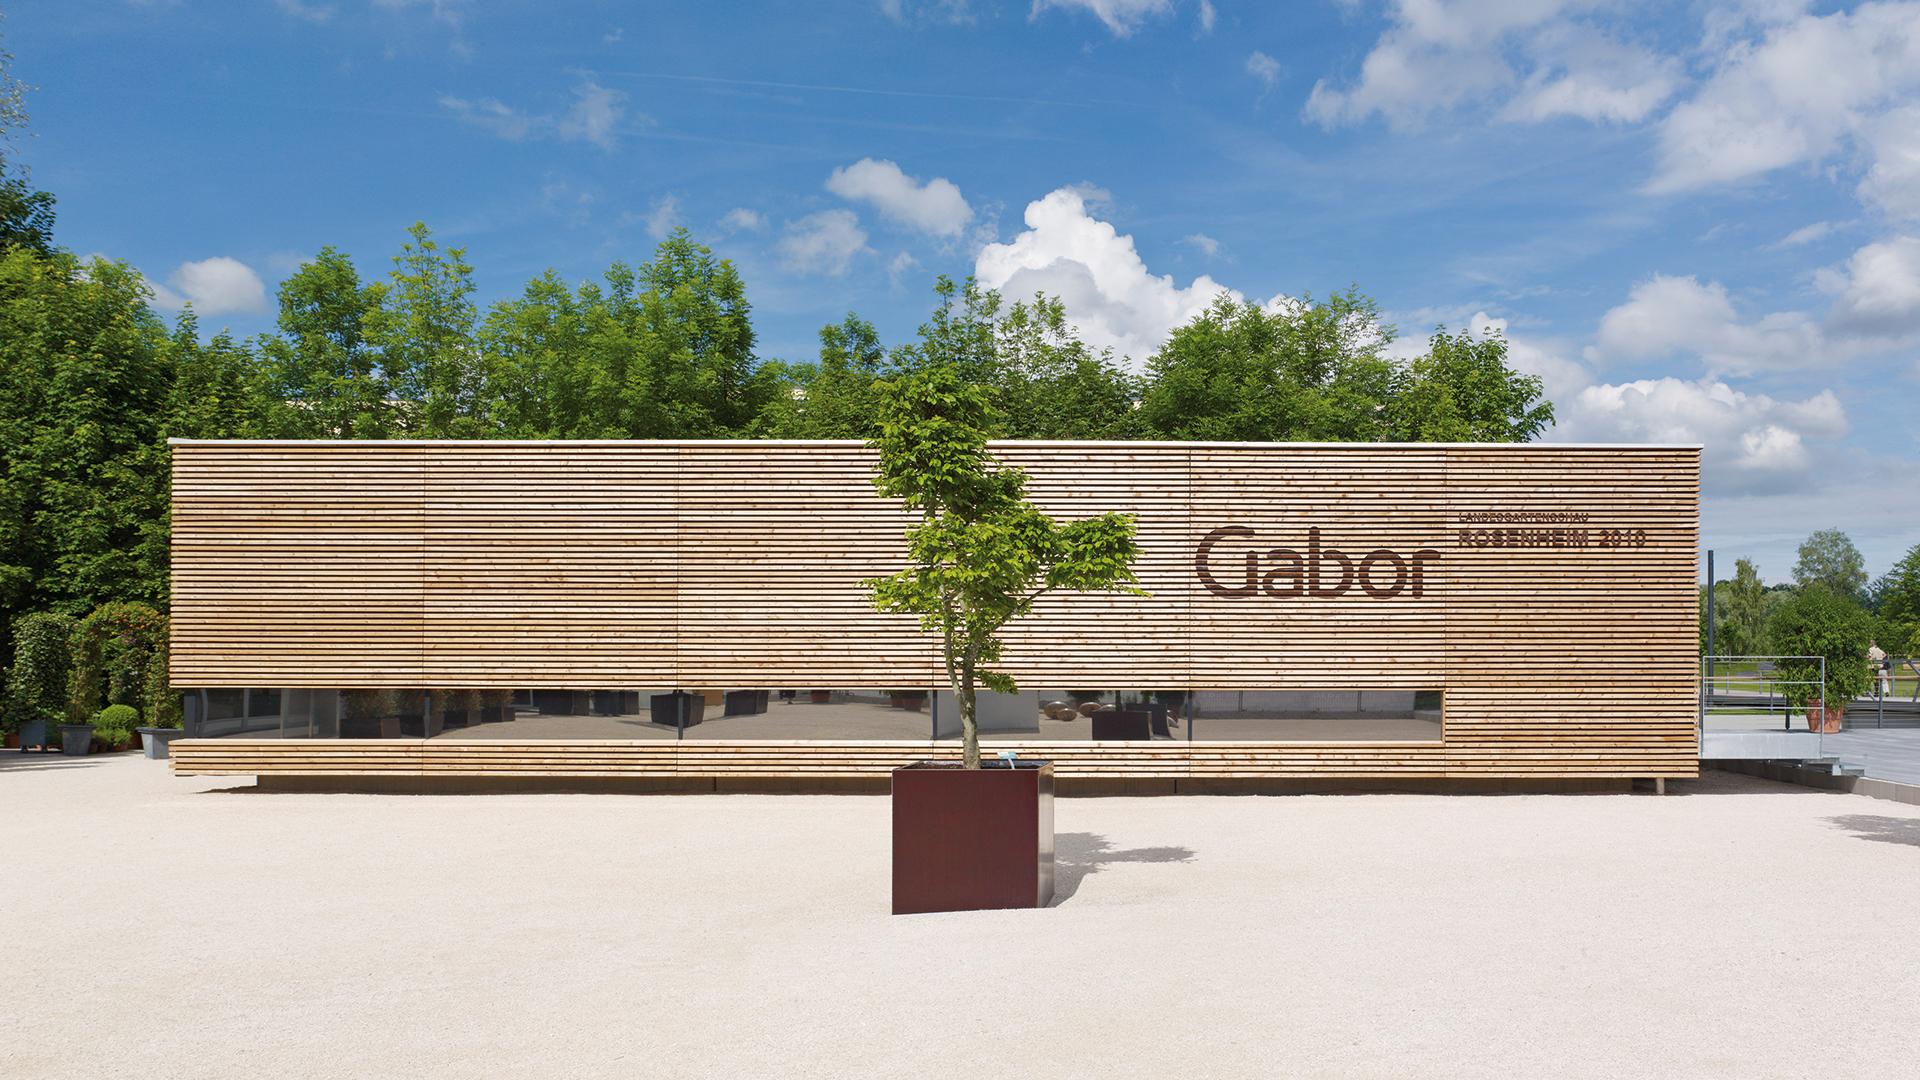 Dart stages the exhibition Landesgartenschau 2010 for Gabor